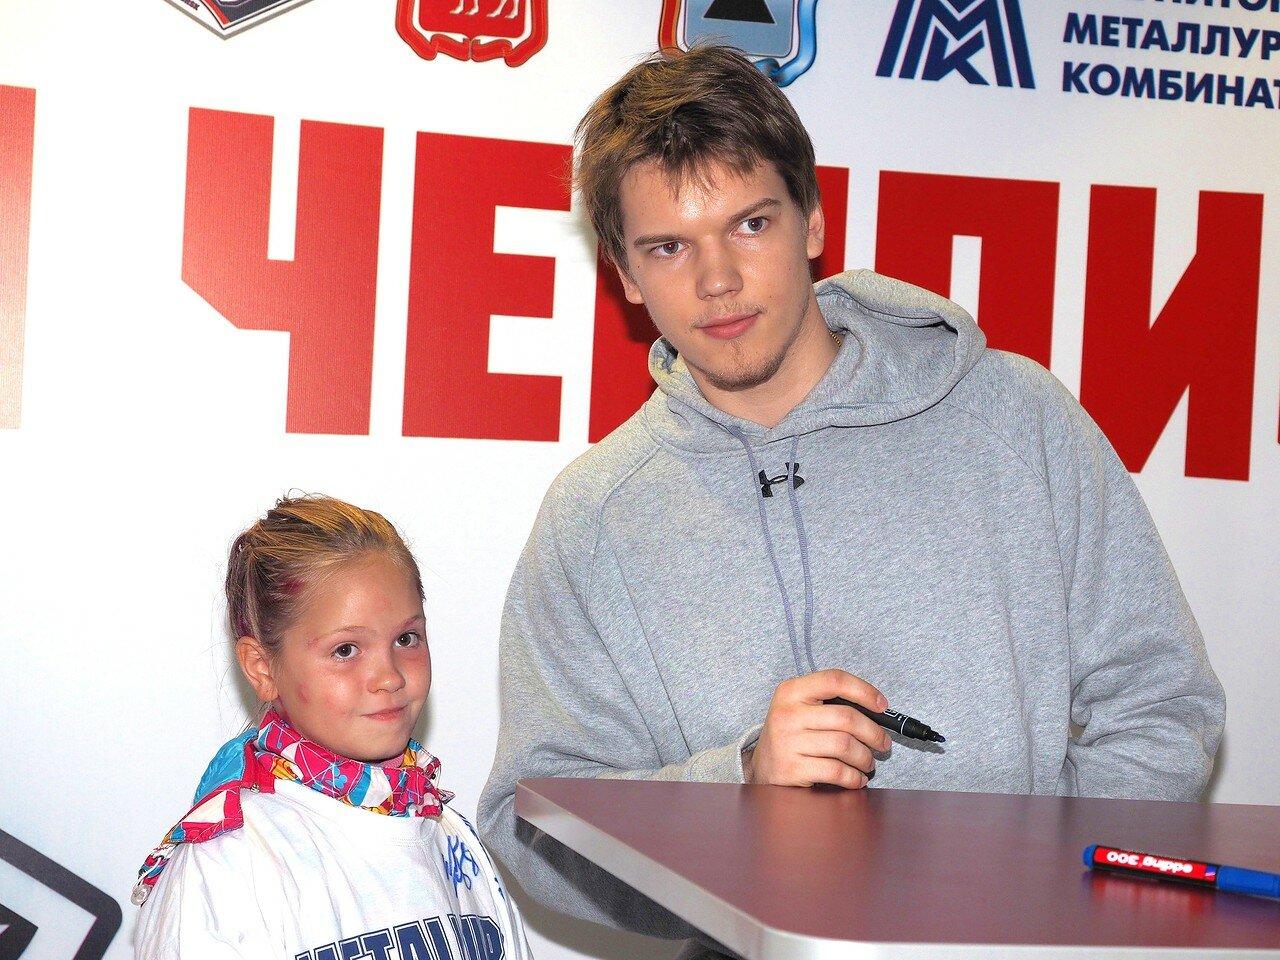 47Металлург - Сибирь 18.09.2015